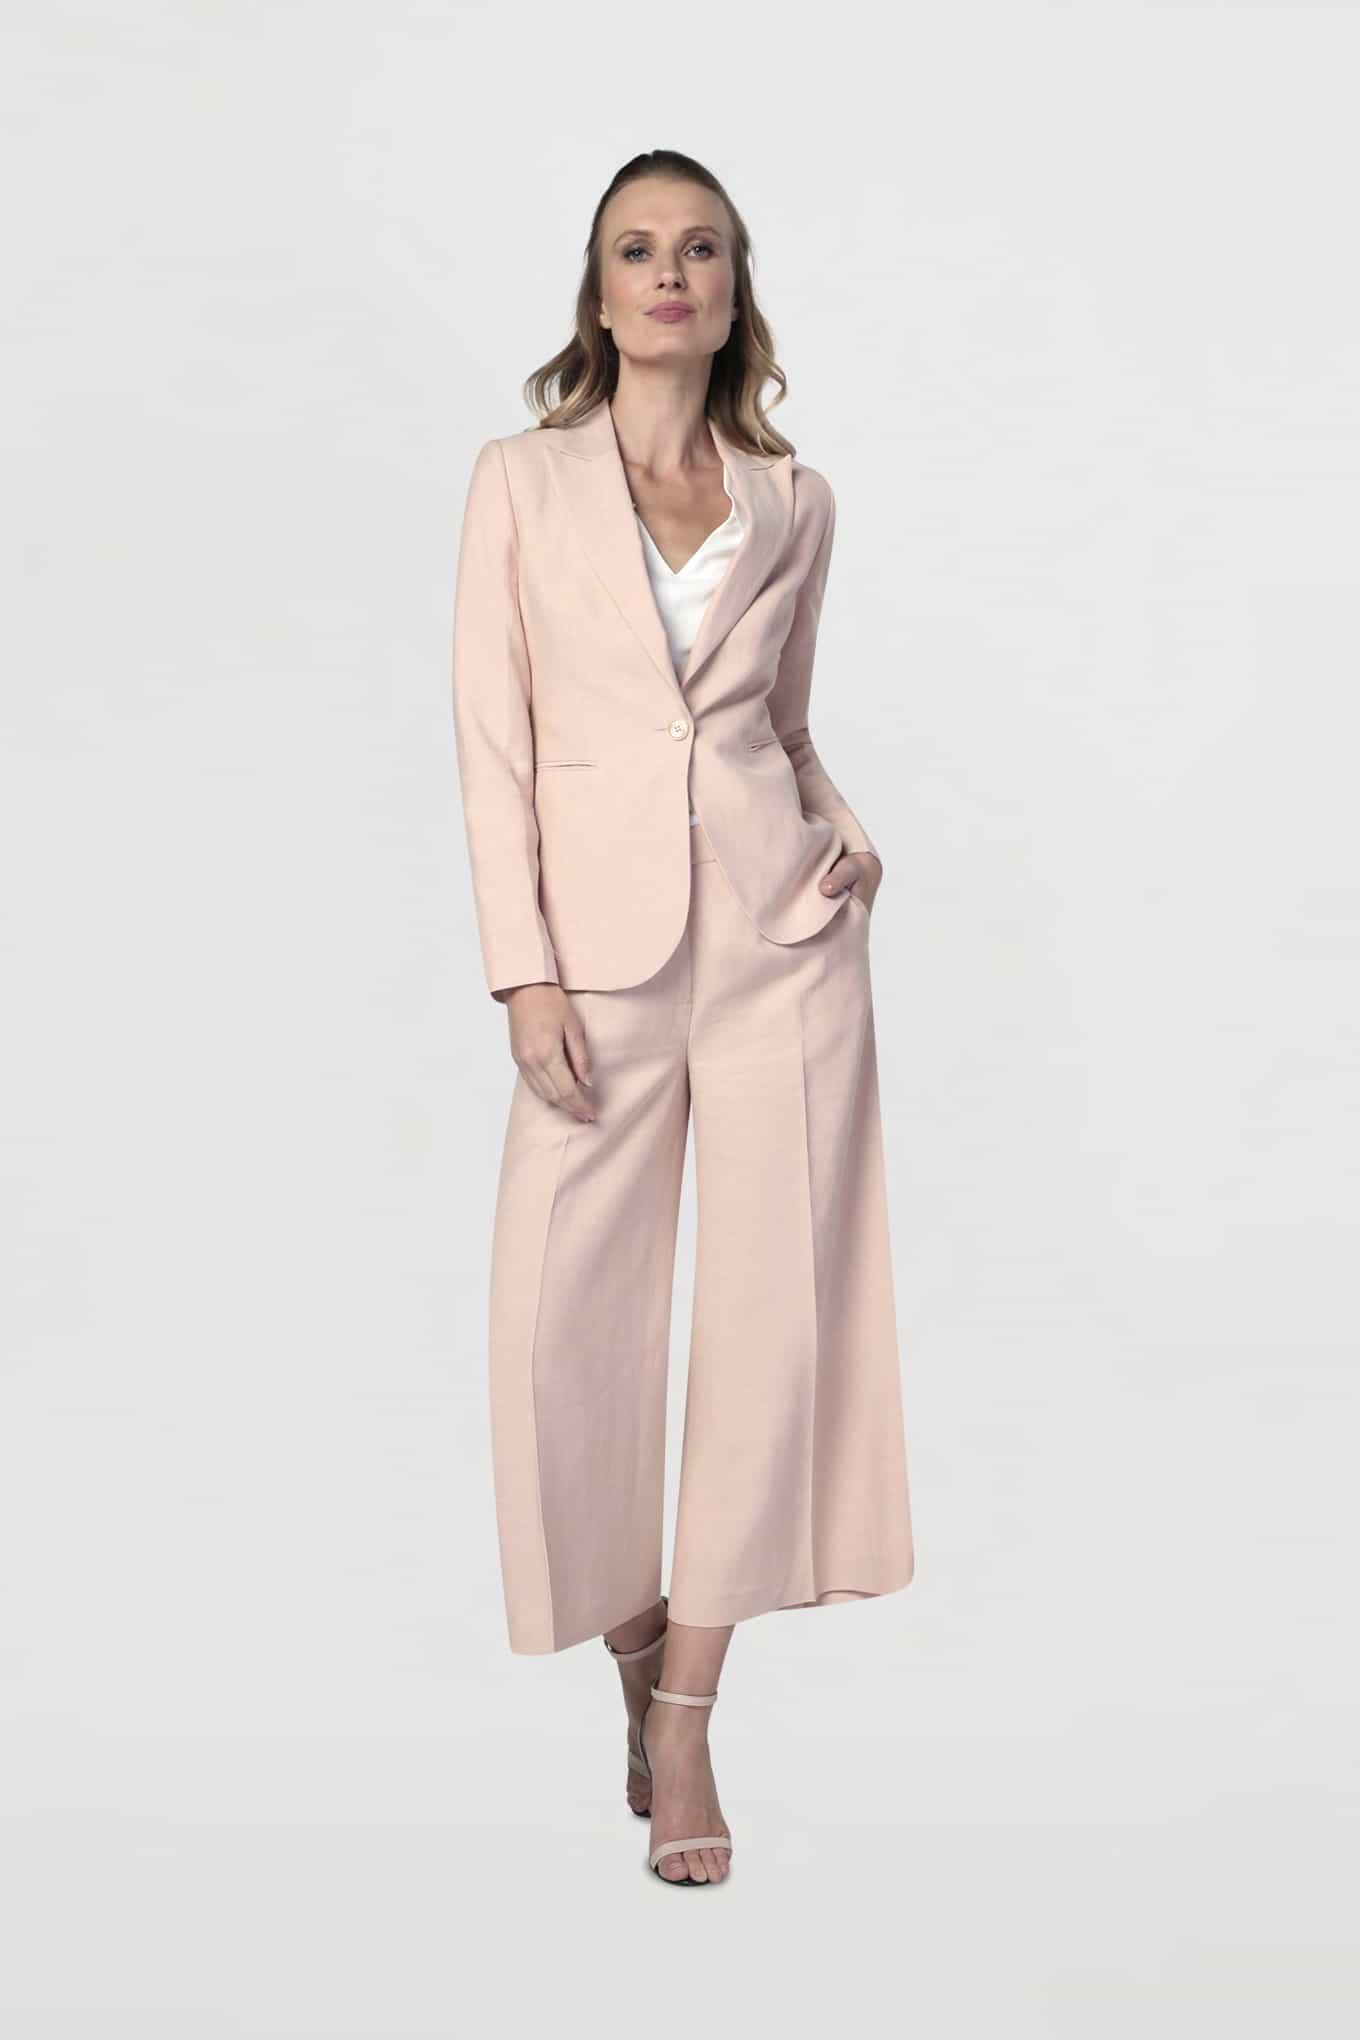 Blazer Pale Pink Classic Woman